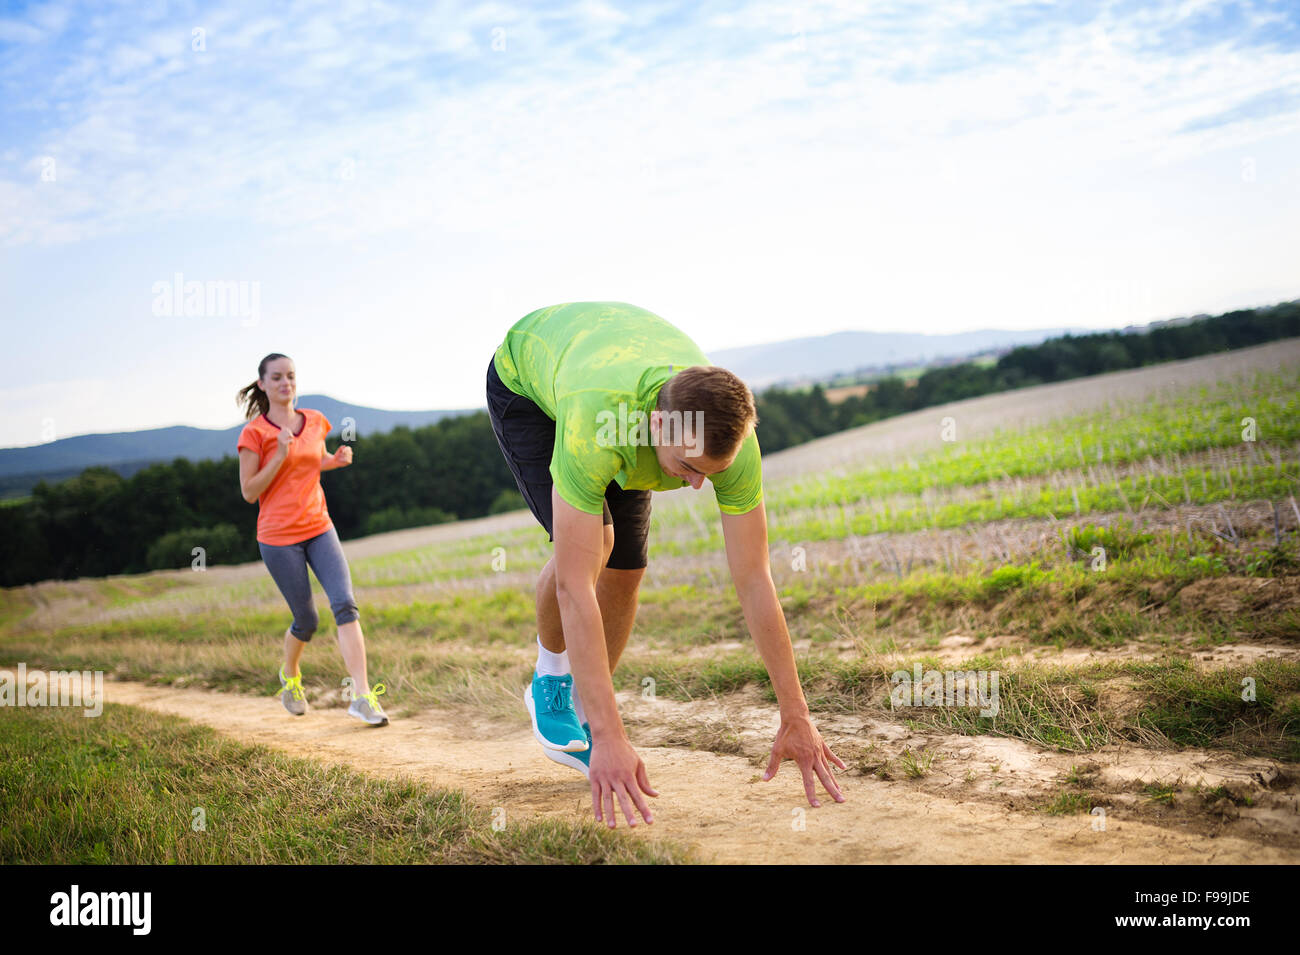 Macho de tropezarse con deslizadera y cayendo en el cross country trail Imagen De Stock